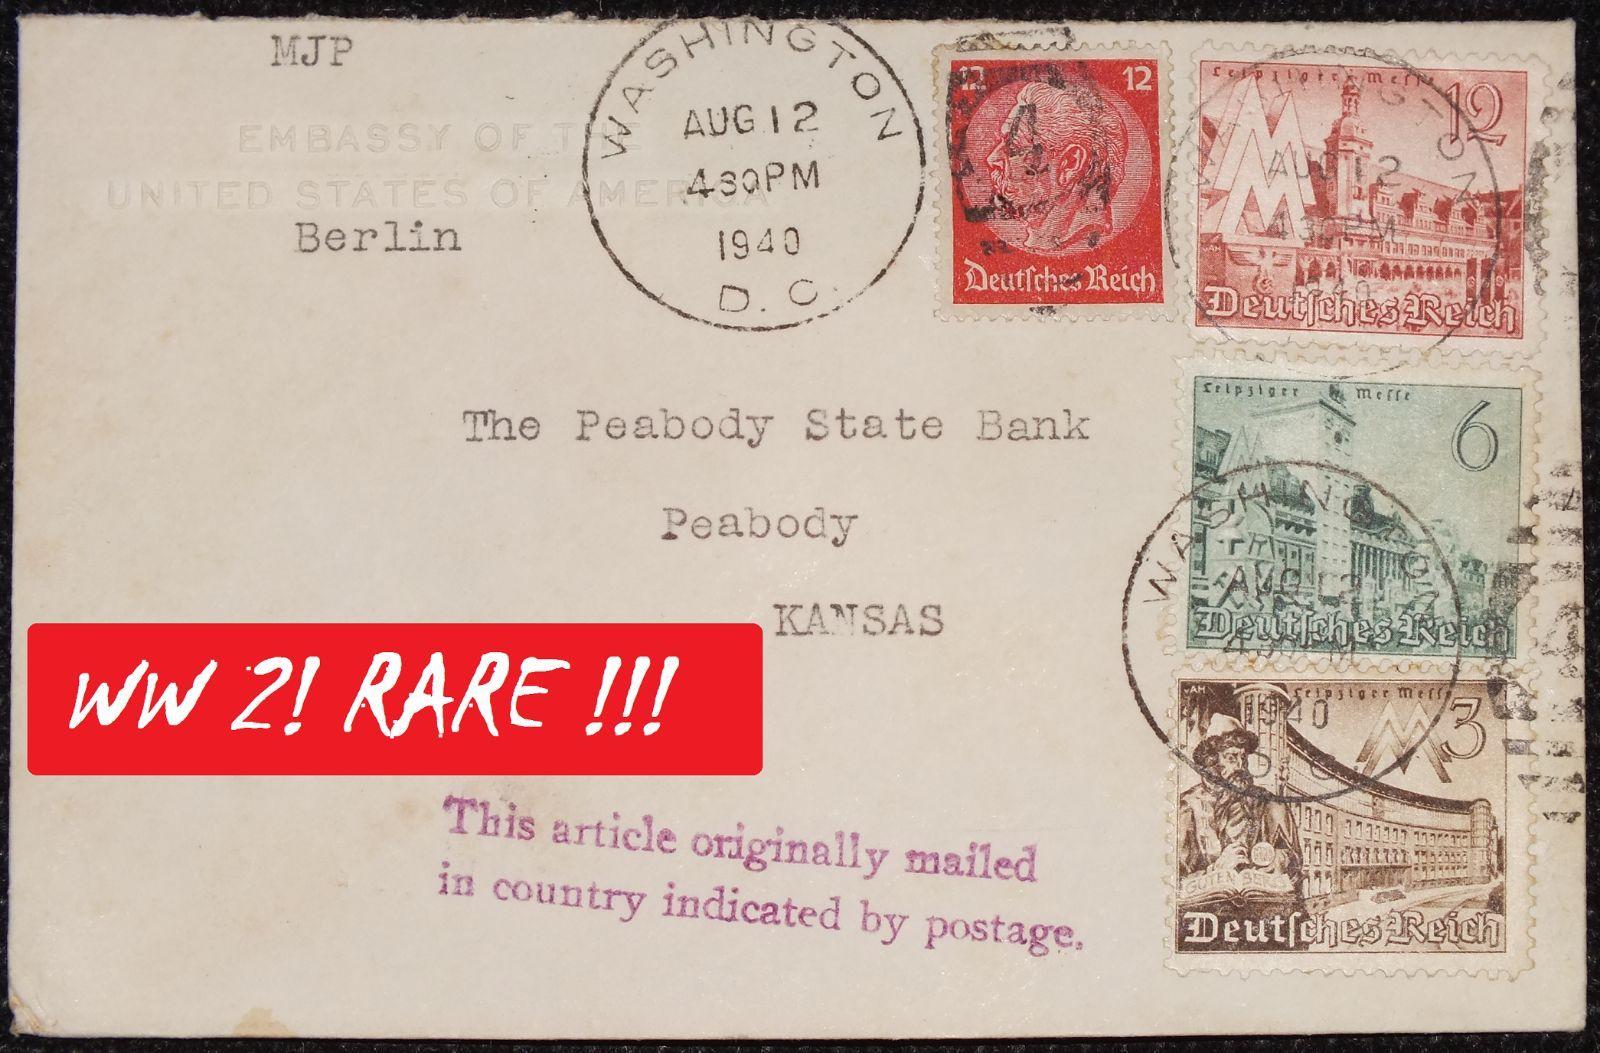 Eine Brief der USA Botschaft Berlin - an die =Peabody State Bank in Kansas= (VSA) - 1940 - Sehr Seltenes WK 2 - Document  - 1